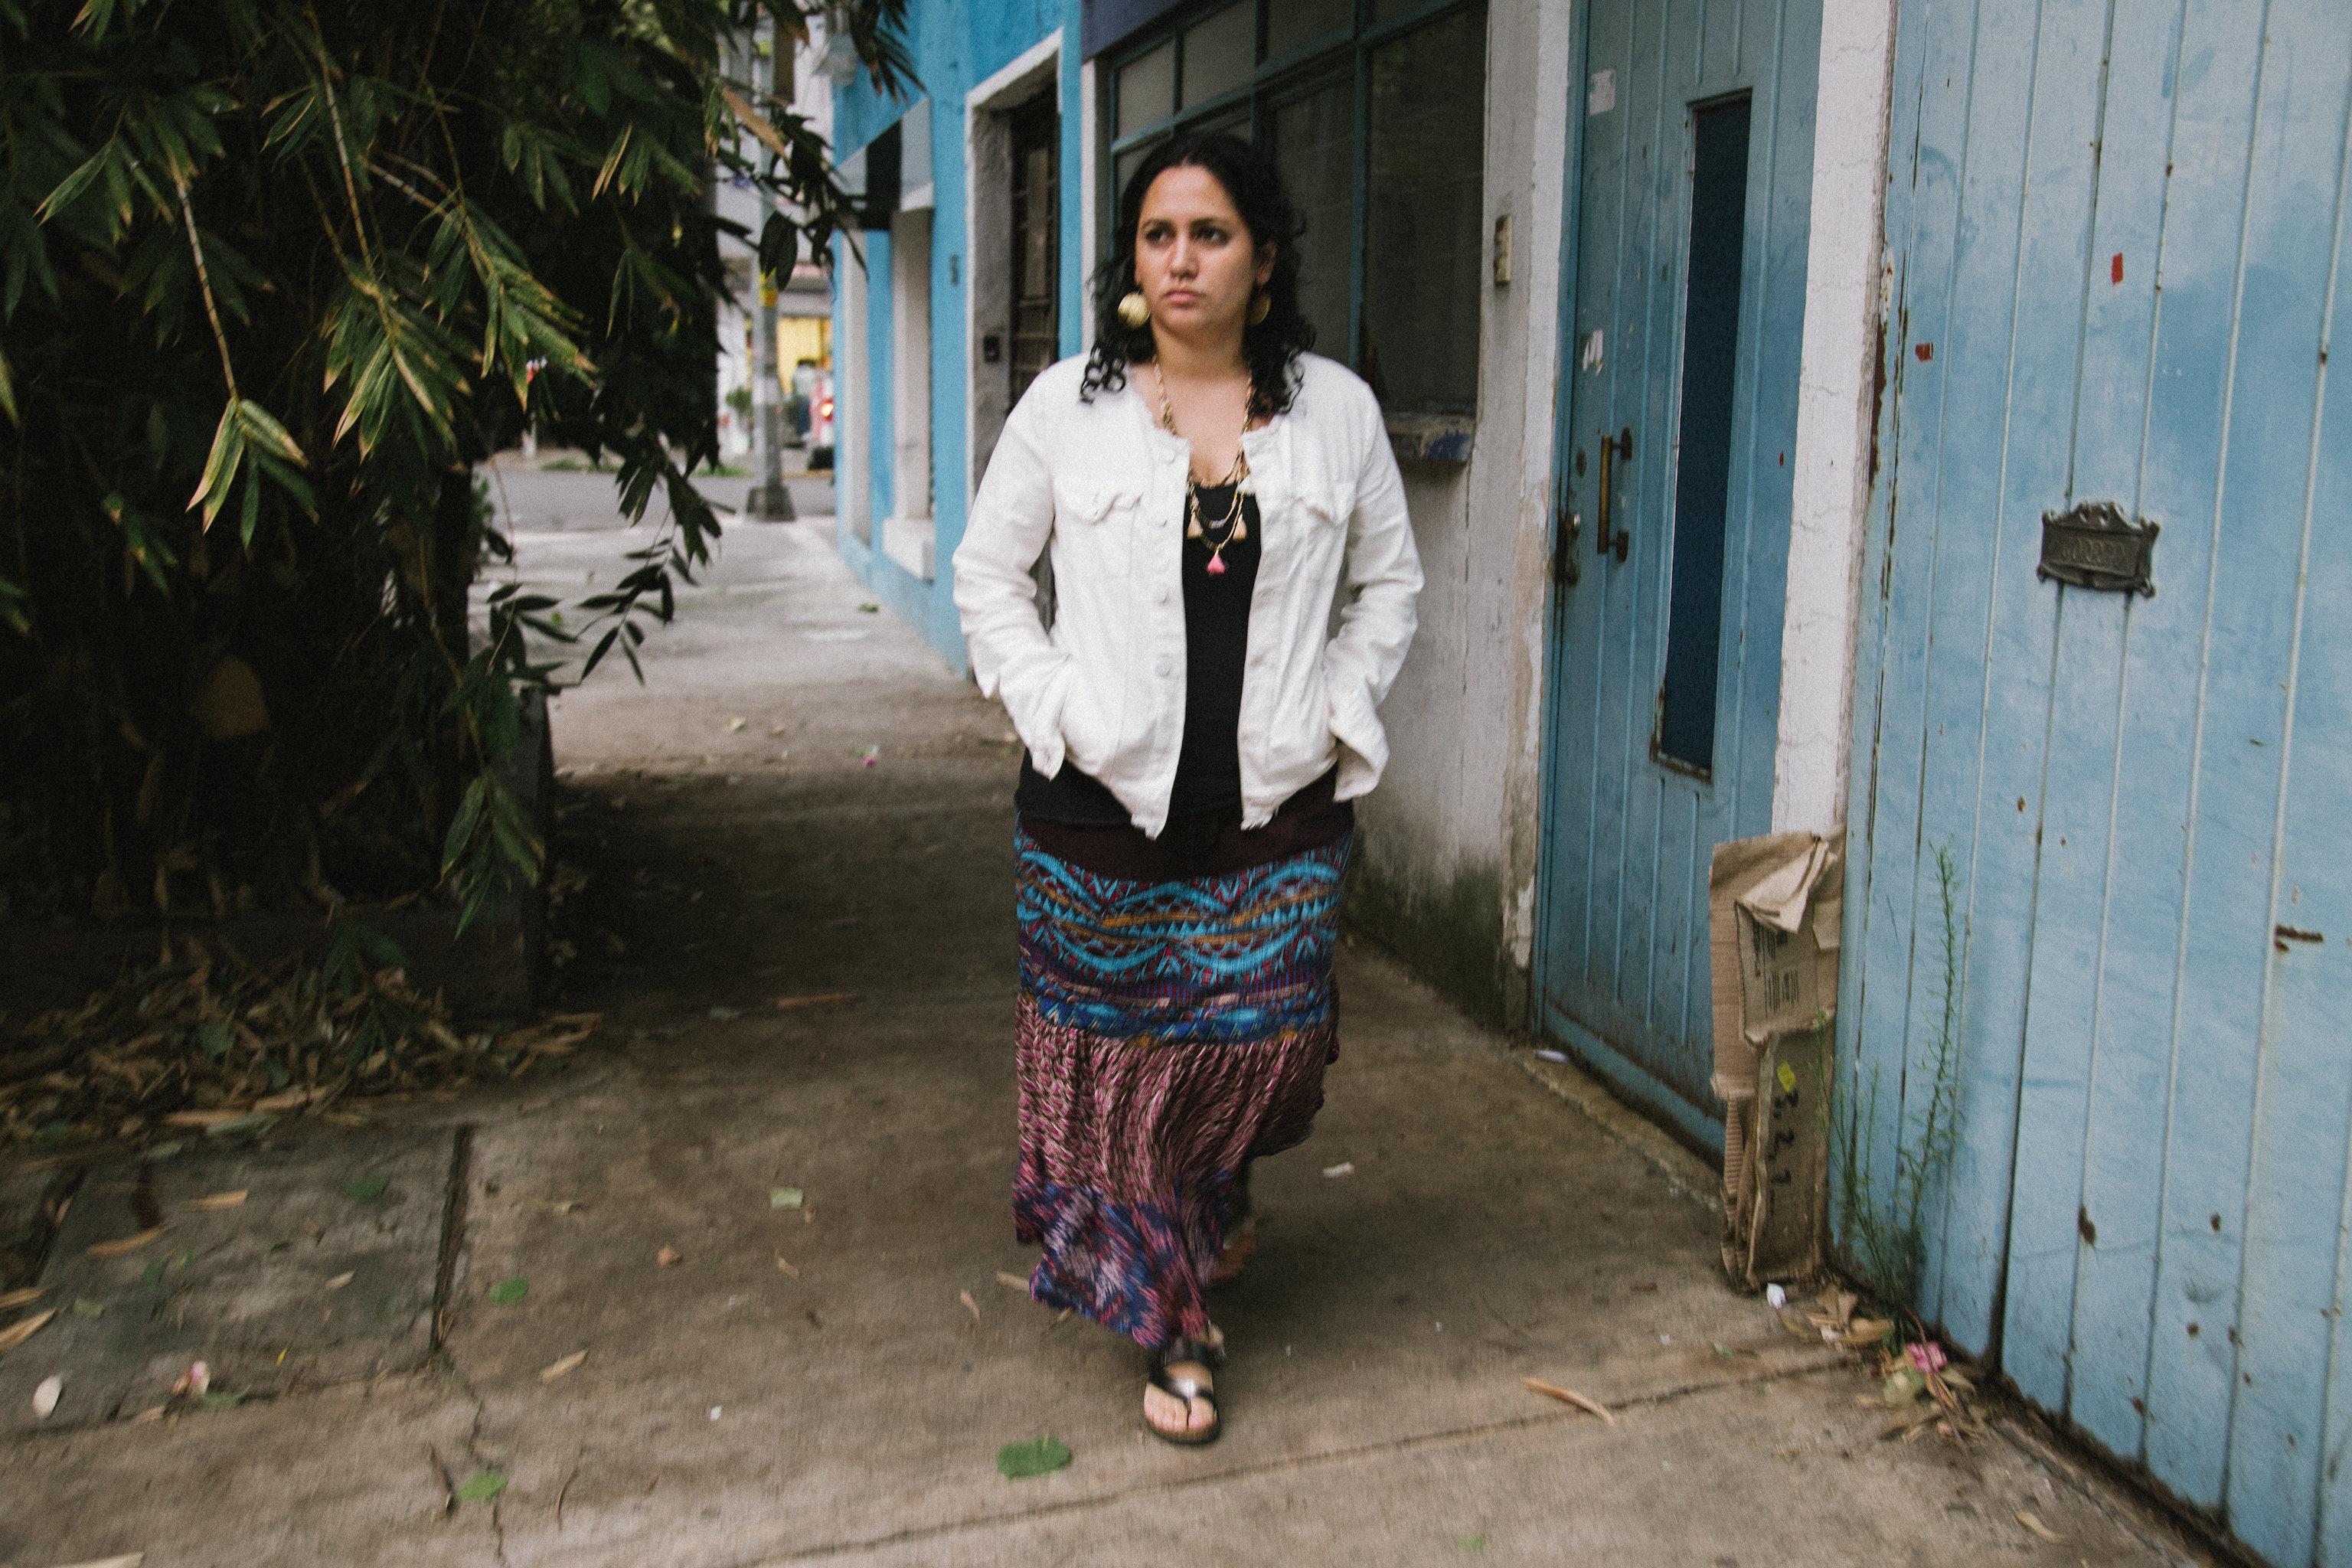 Woman in Tuxtla Gutierrez